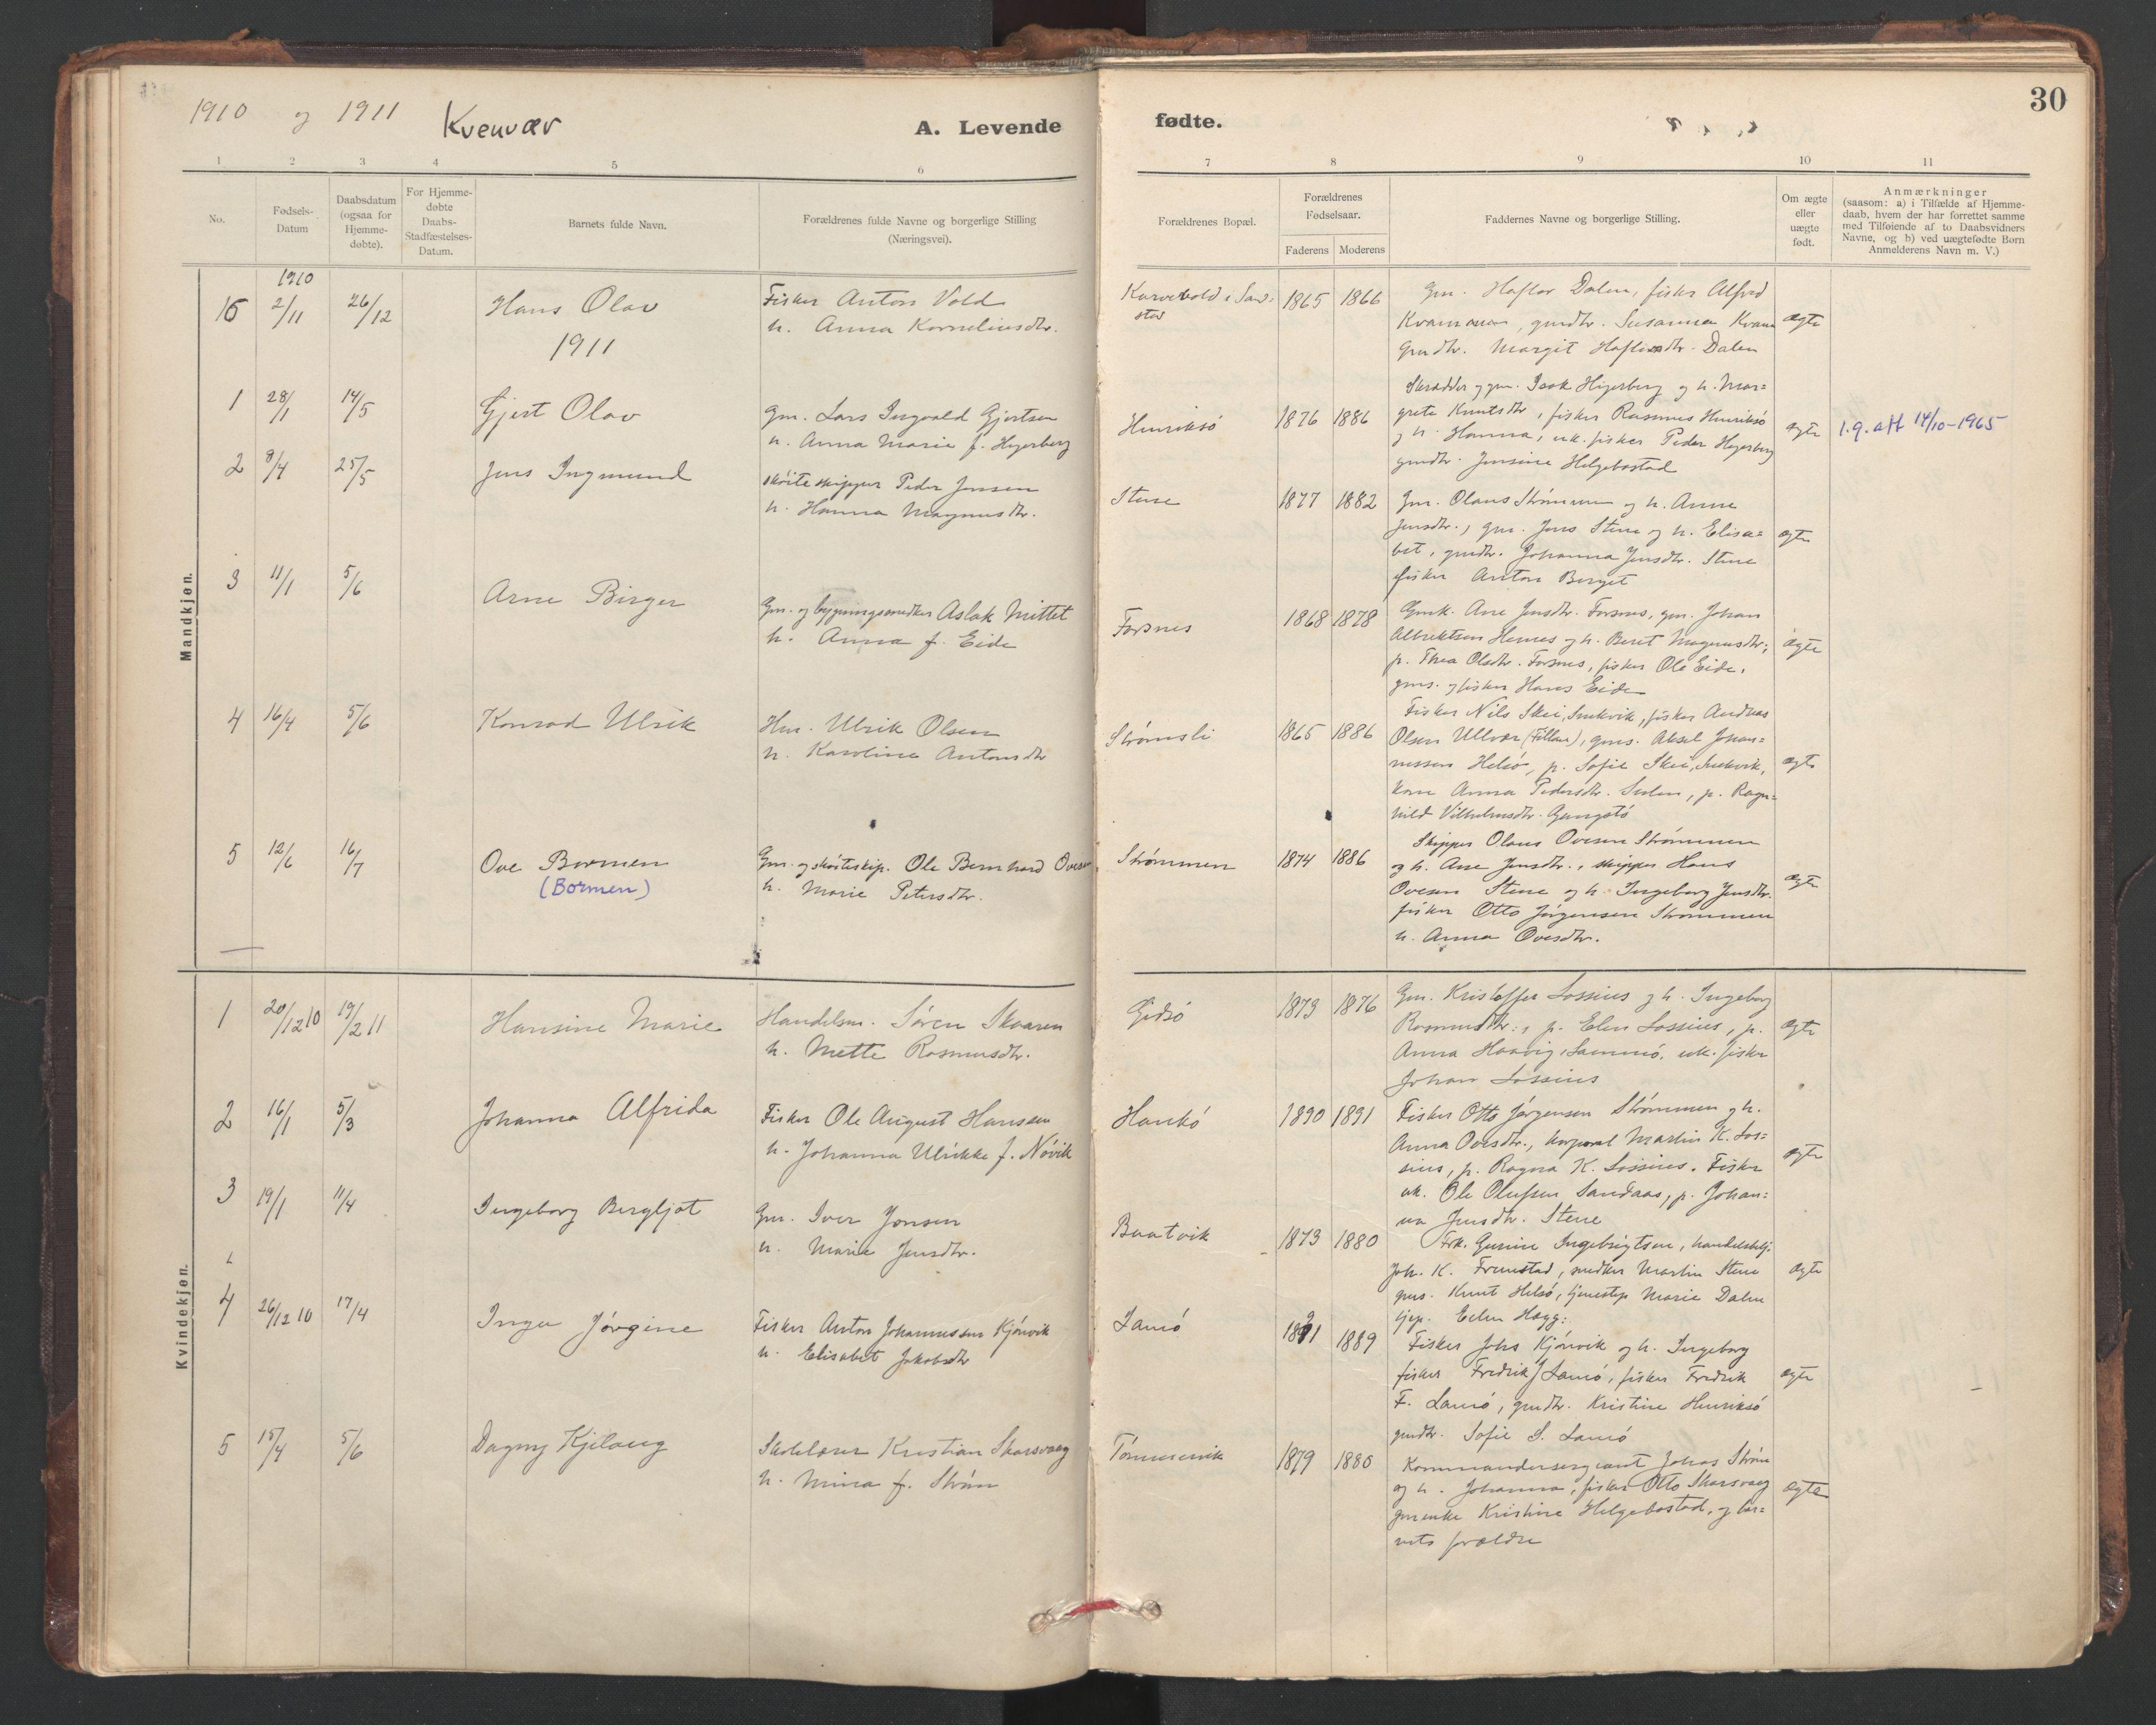 SAT, Ministerialprotokoller, klokkerbøker og fødselsregistre - Sør-Trøndelag, 635/L0552: Ministerialbok nr. 635A02, 1899-1919, s. 30